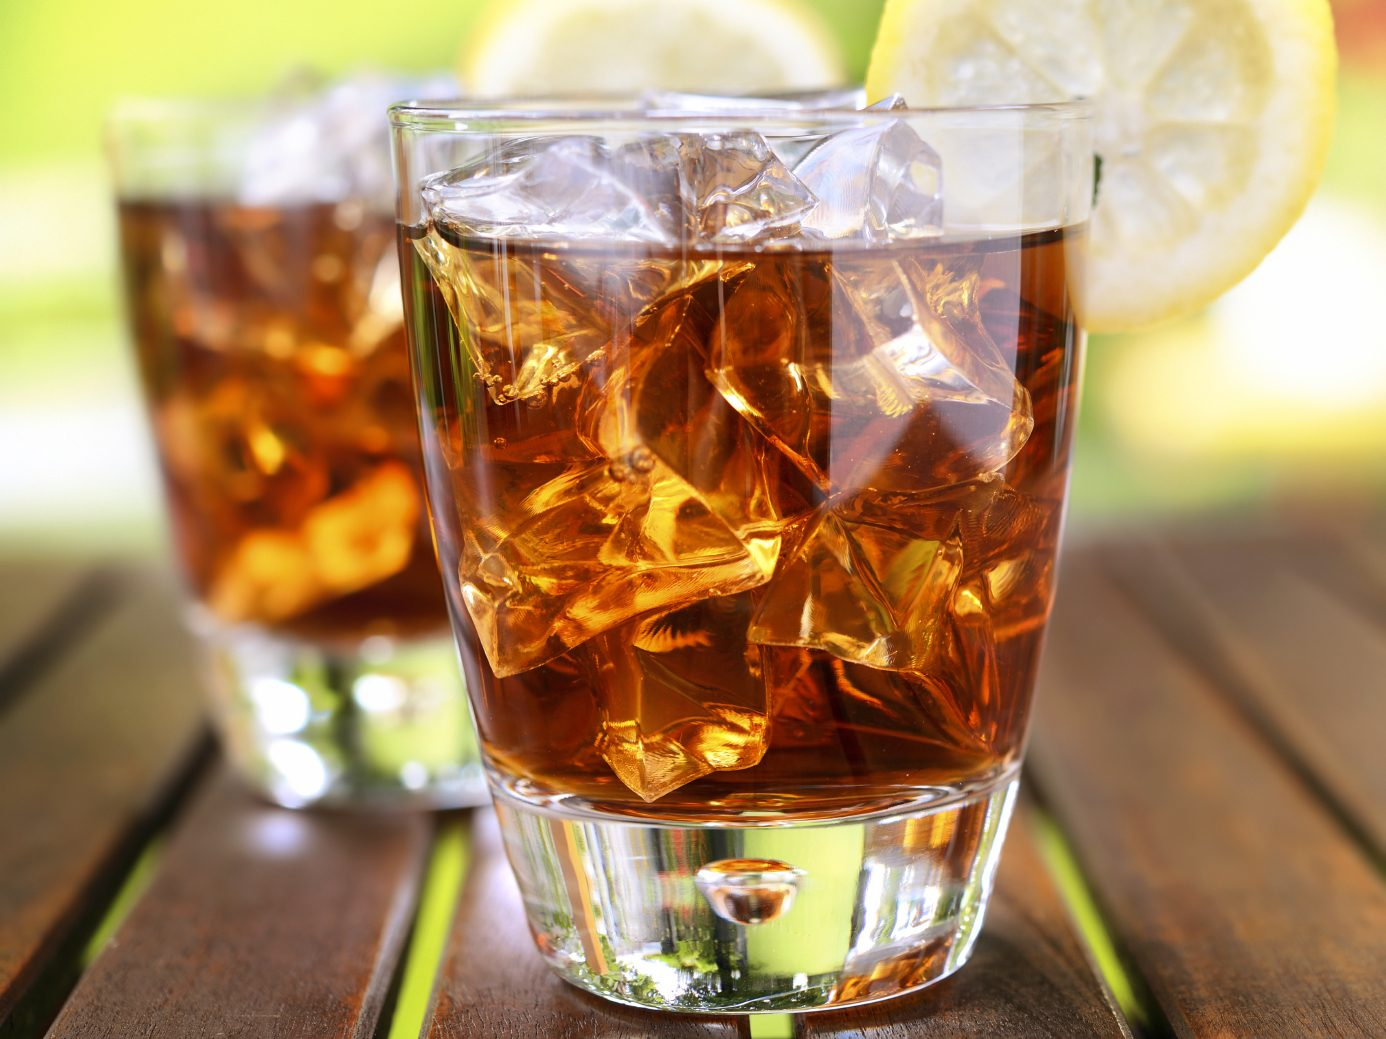 Obésité: l'aspartame, la saccharine et la sucralose en cause?